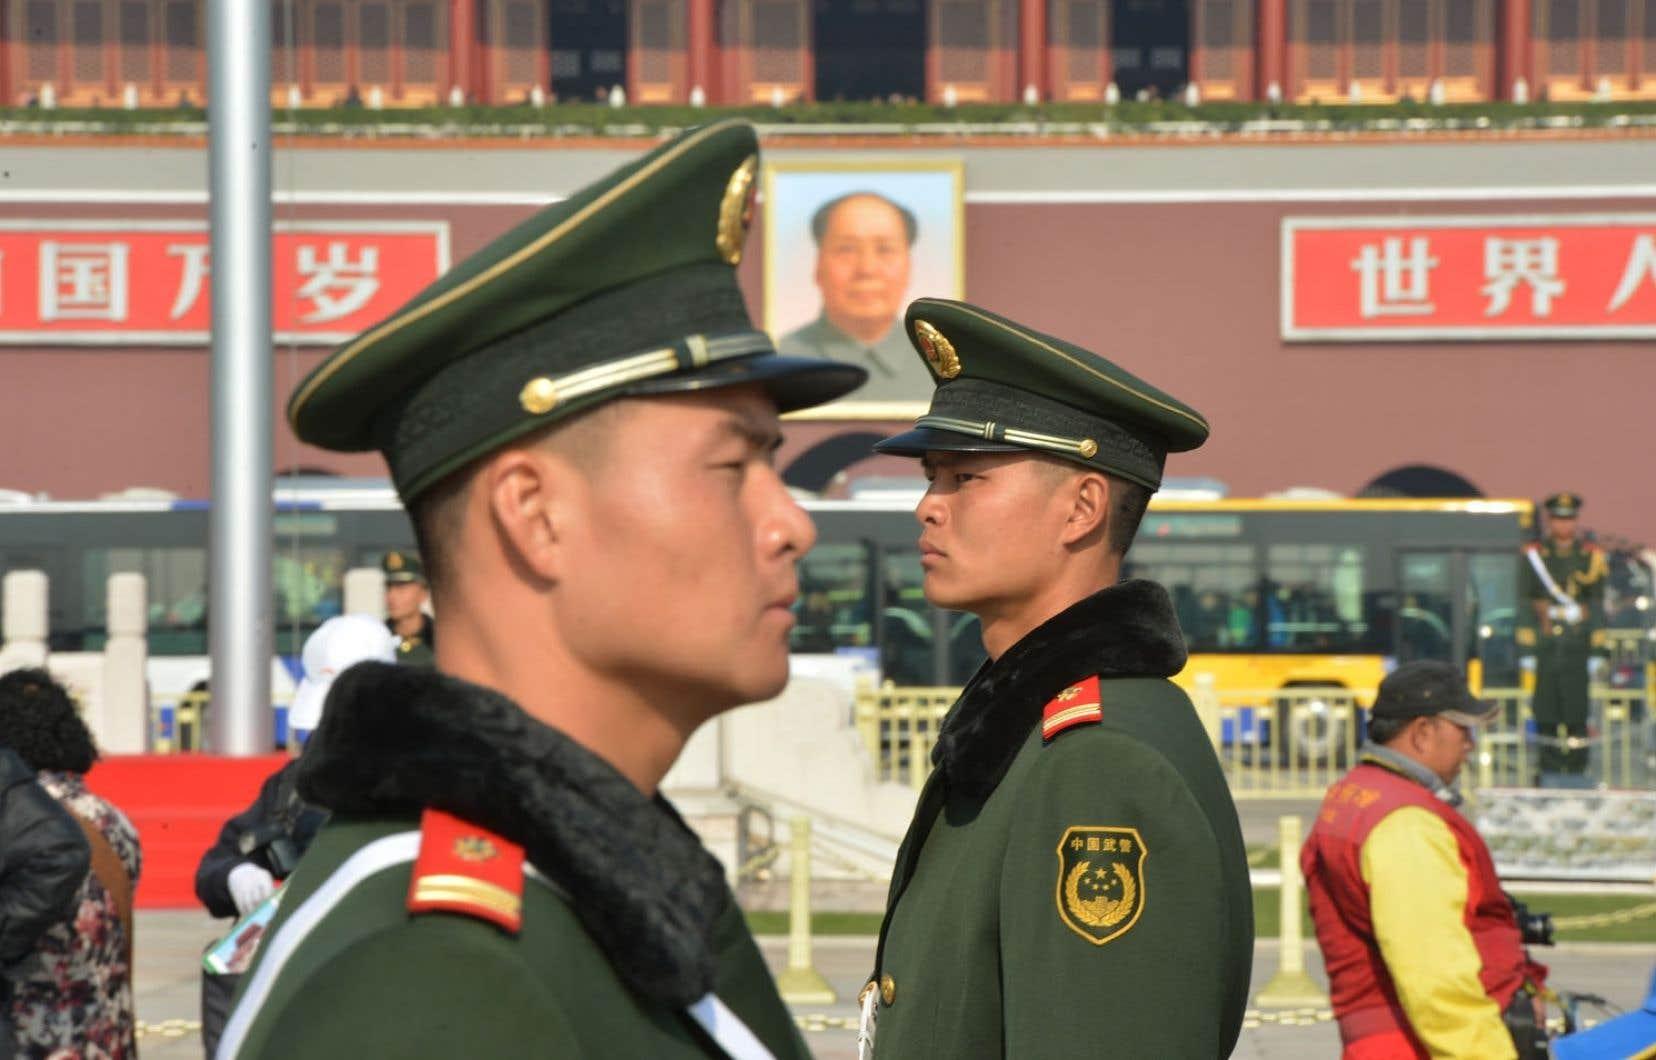 Place Tiananmen. Qu'il s'agisse du PIB ou de l'inflation, les chiffres des officiels chinois doivent être pris avec un grain de sel.